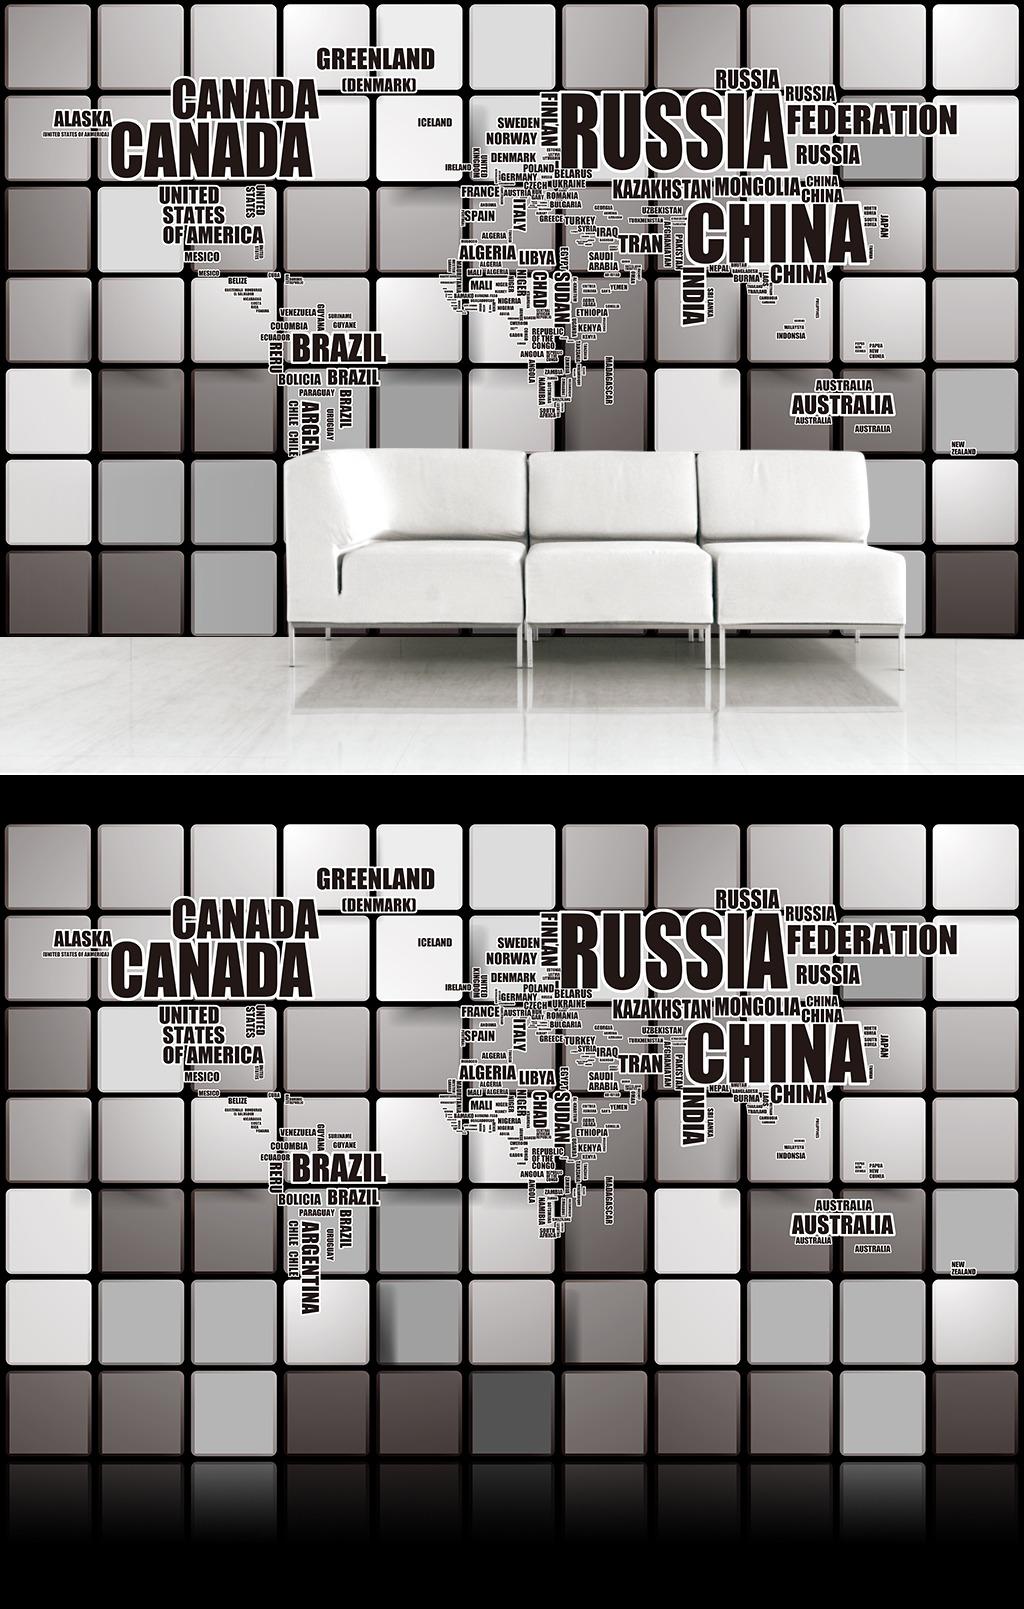 装饰画 现代 壁纸 墙纸 沙发背景 3d 立体 方块 格子 世界地图 英文